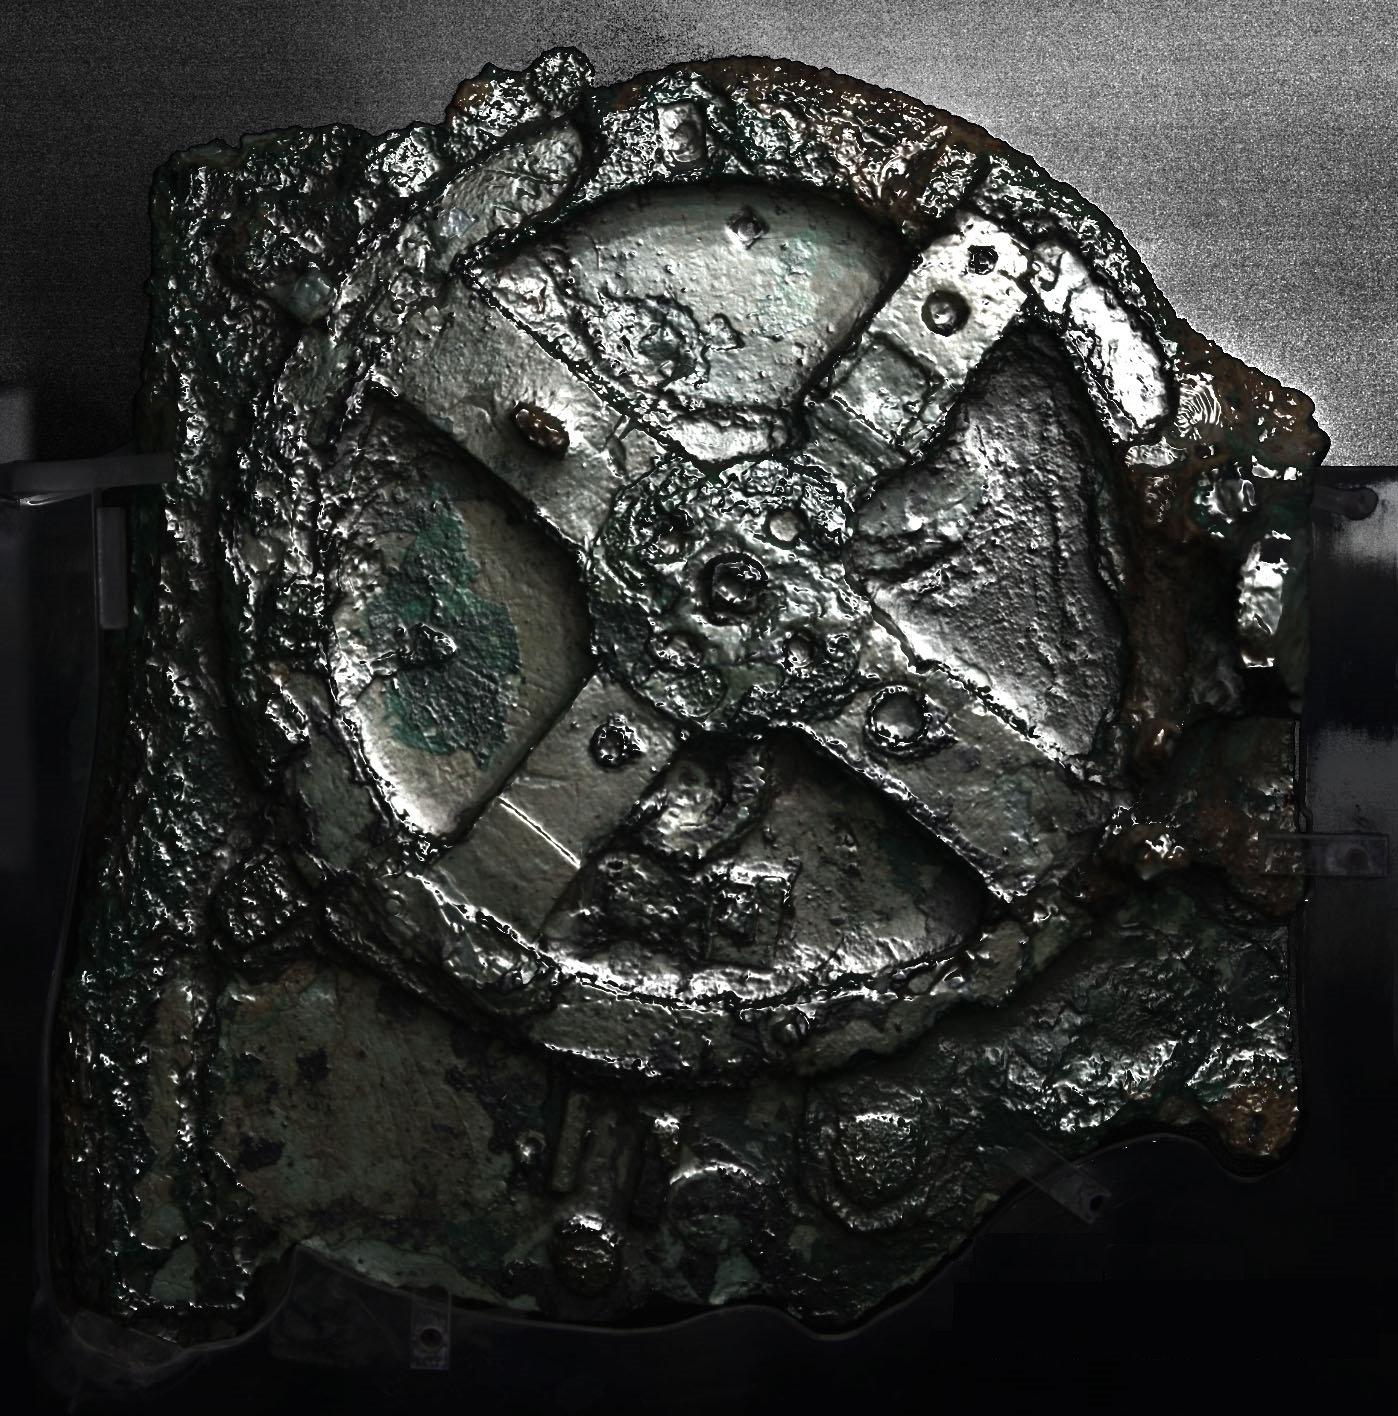 Antikythera: Spiegato il funzionamento del meccanismo di 2000 anni fa'